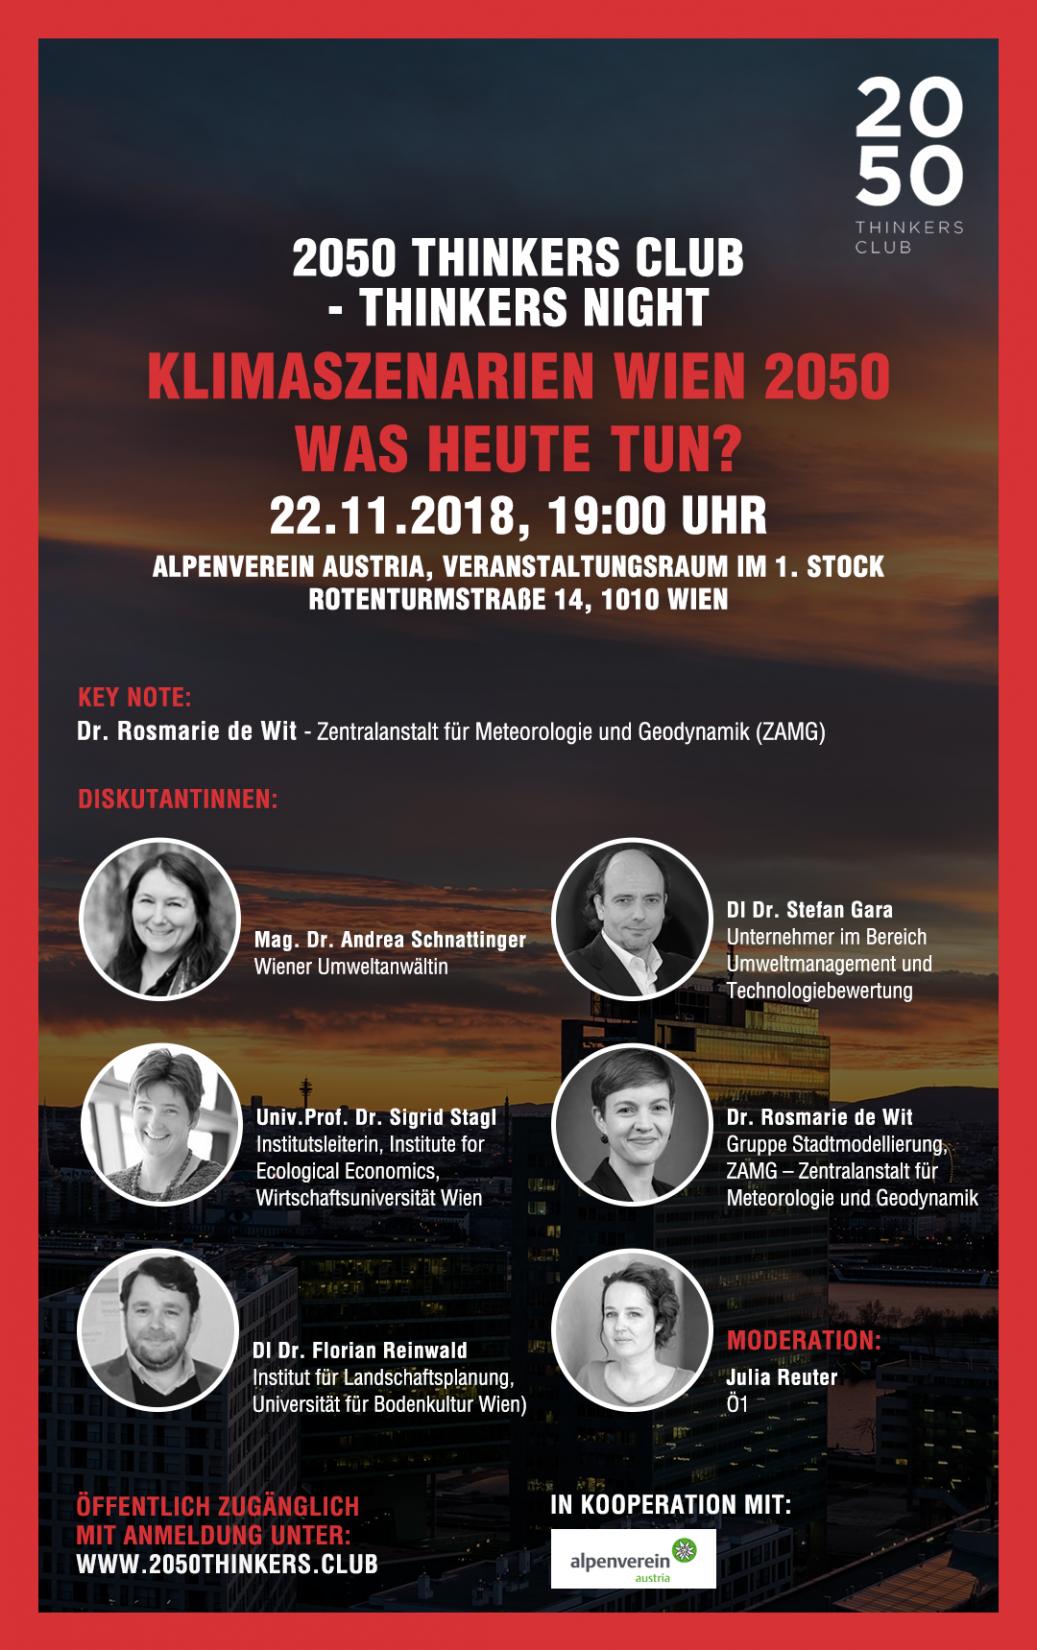 Klimaszenarien Wien 2050 - Was heute tun?